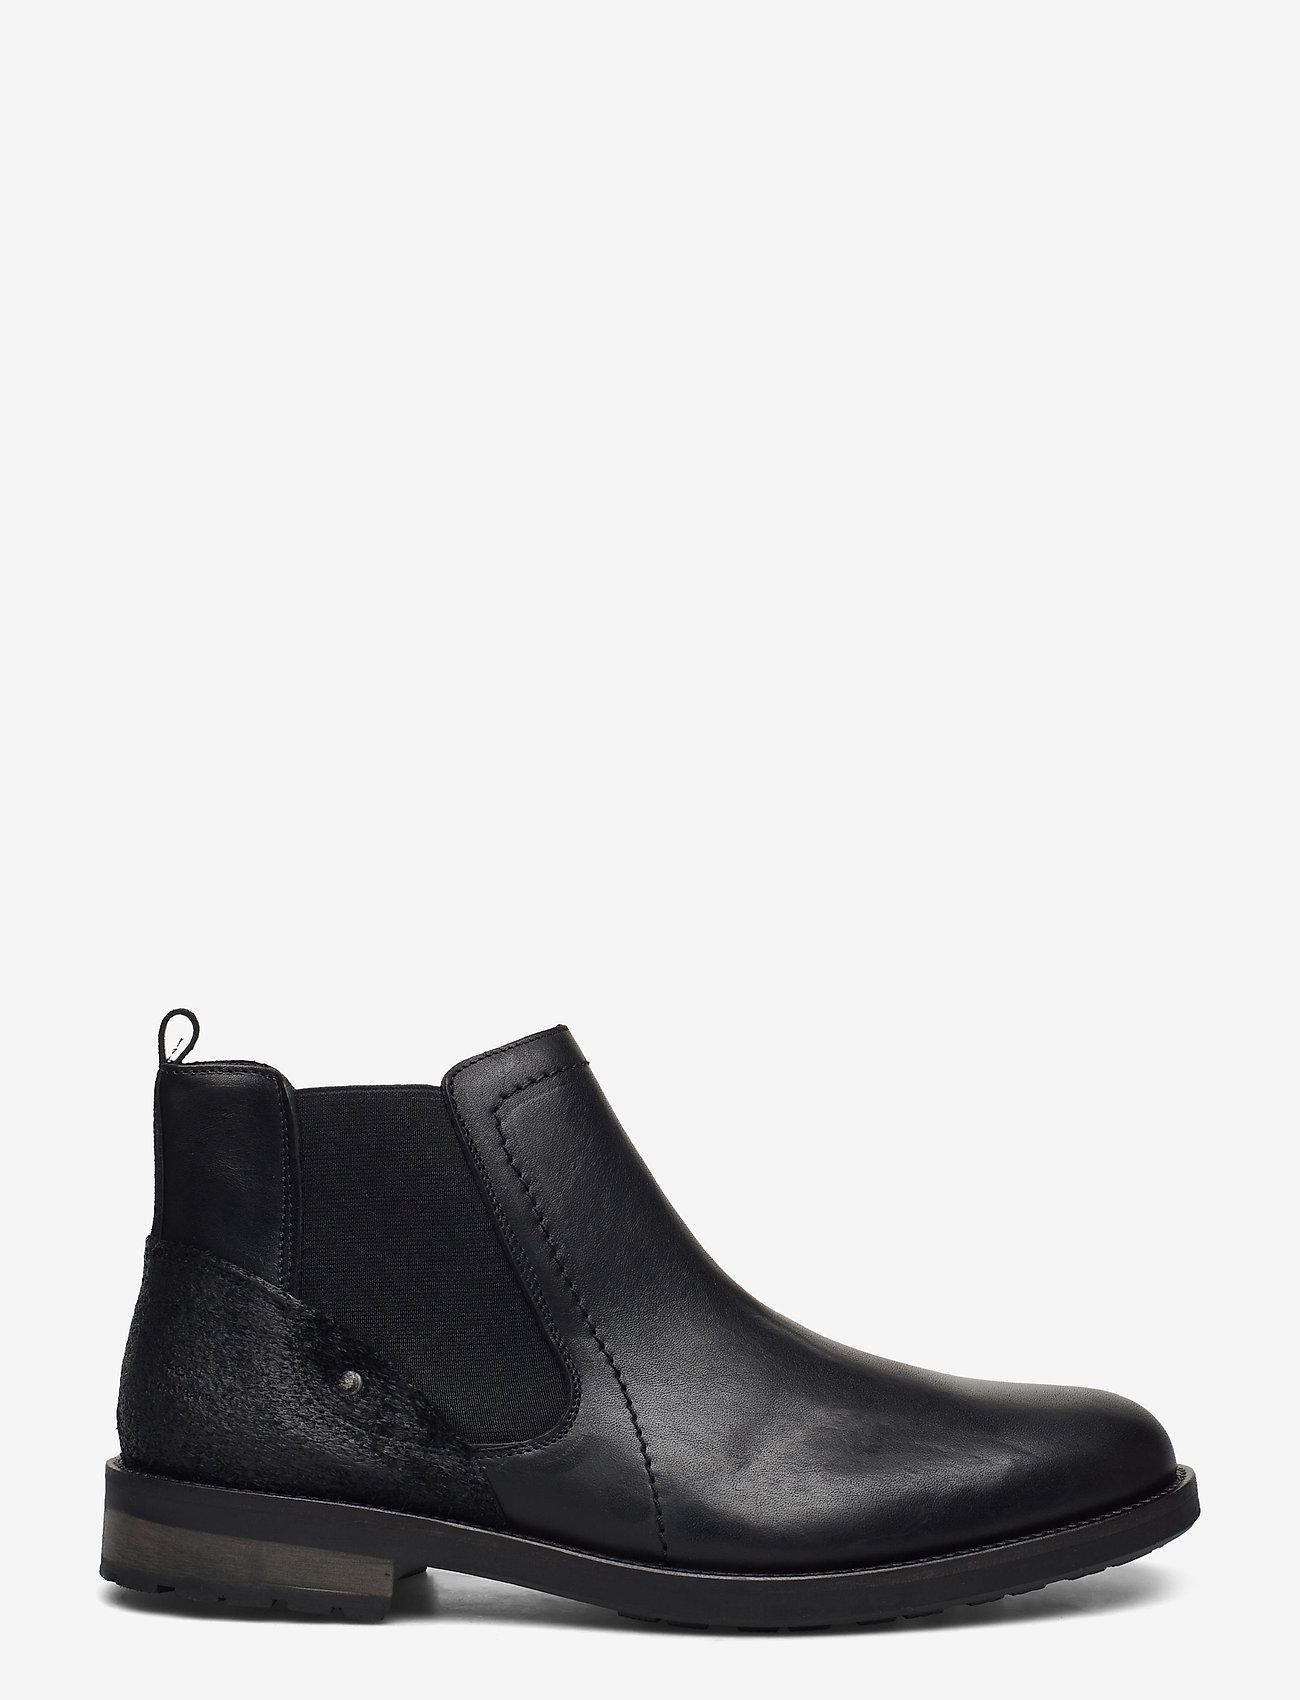 Marstrand - ALFIE MARSTRAND KÄNGA - chelsea boots - black - 1